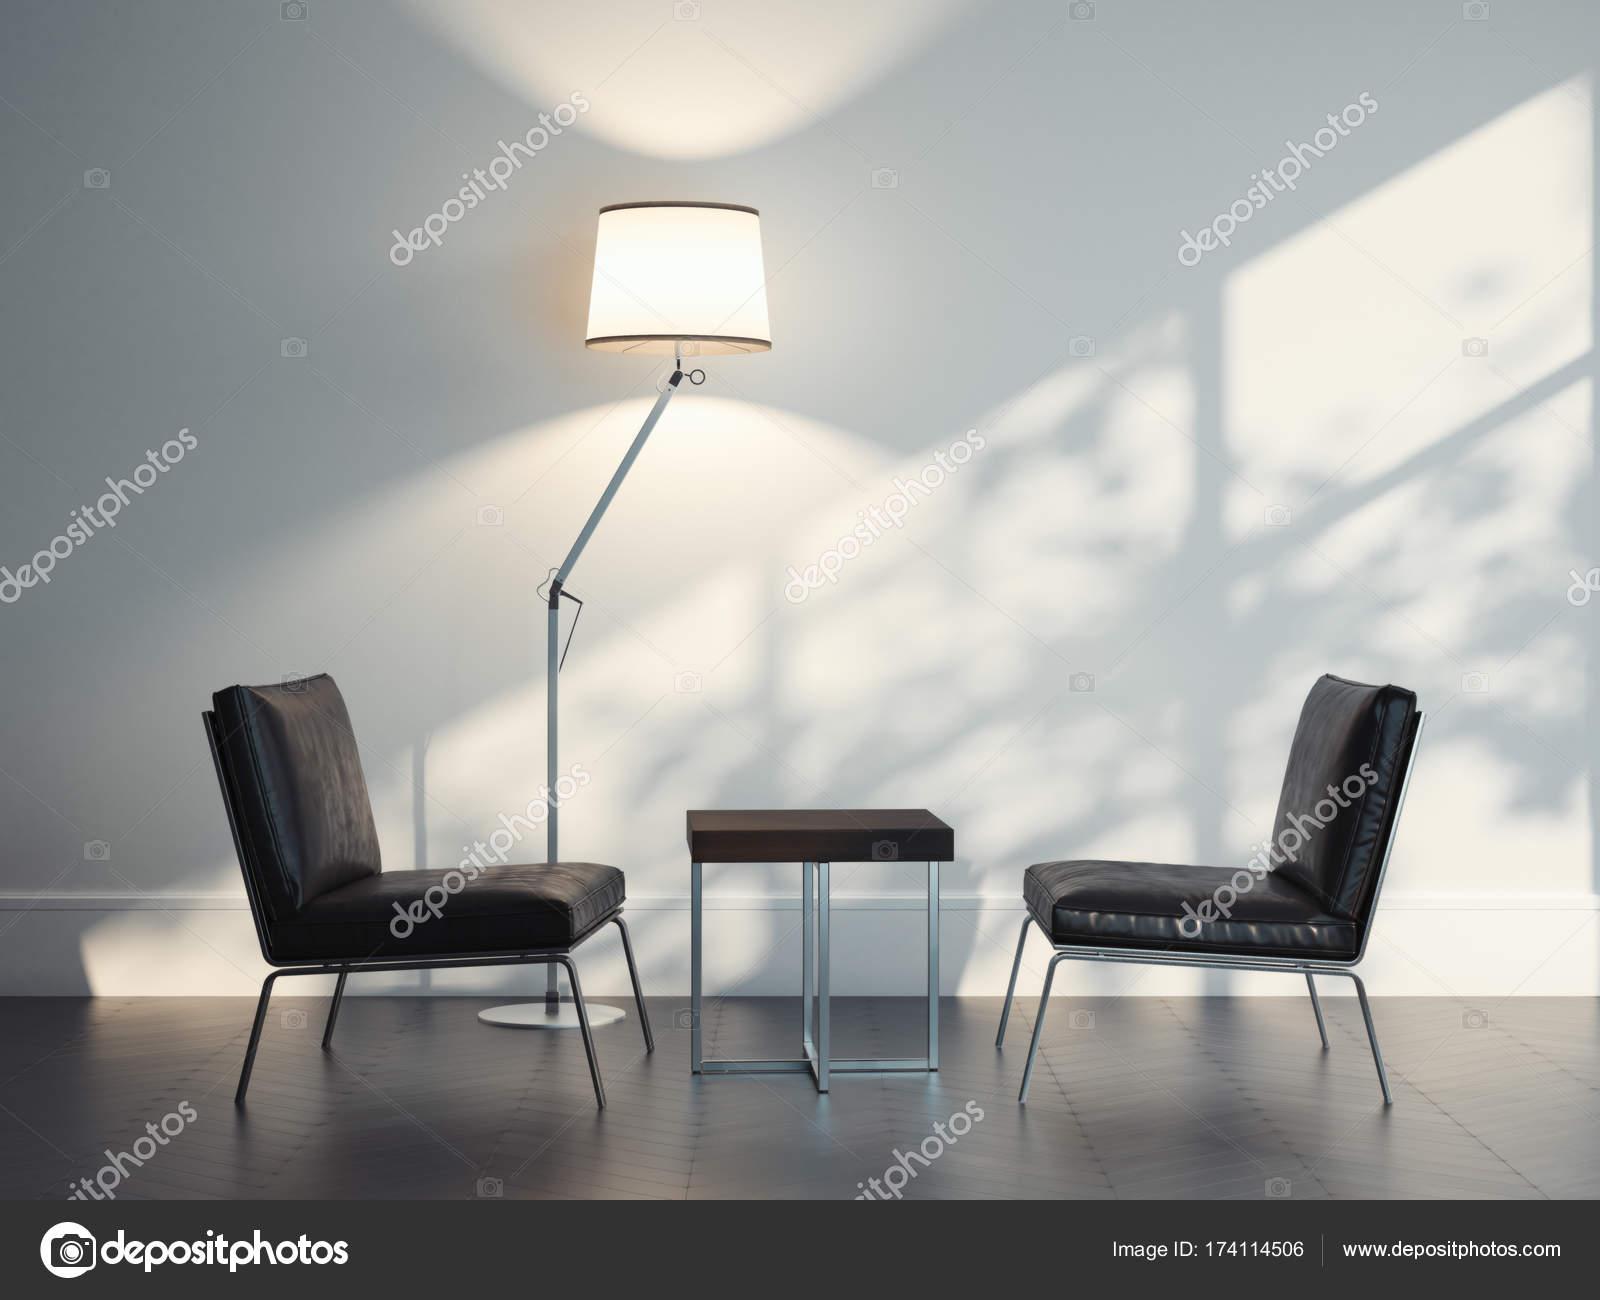 Lederen Fauteuils Modern.Twee Lederen Fauteuils In Een Modern Interieur 3d Rendering